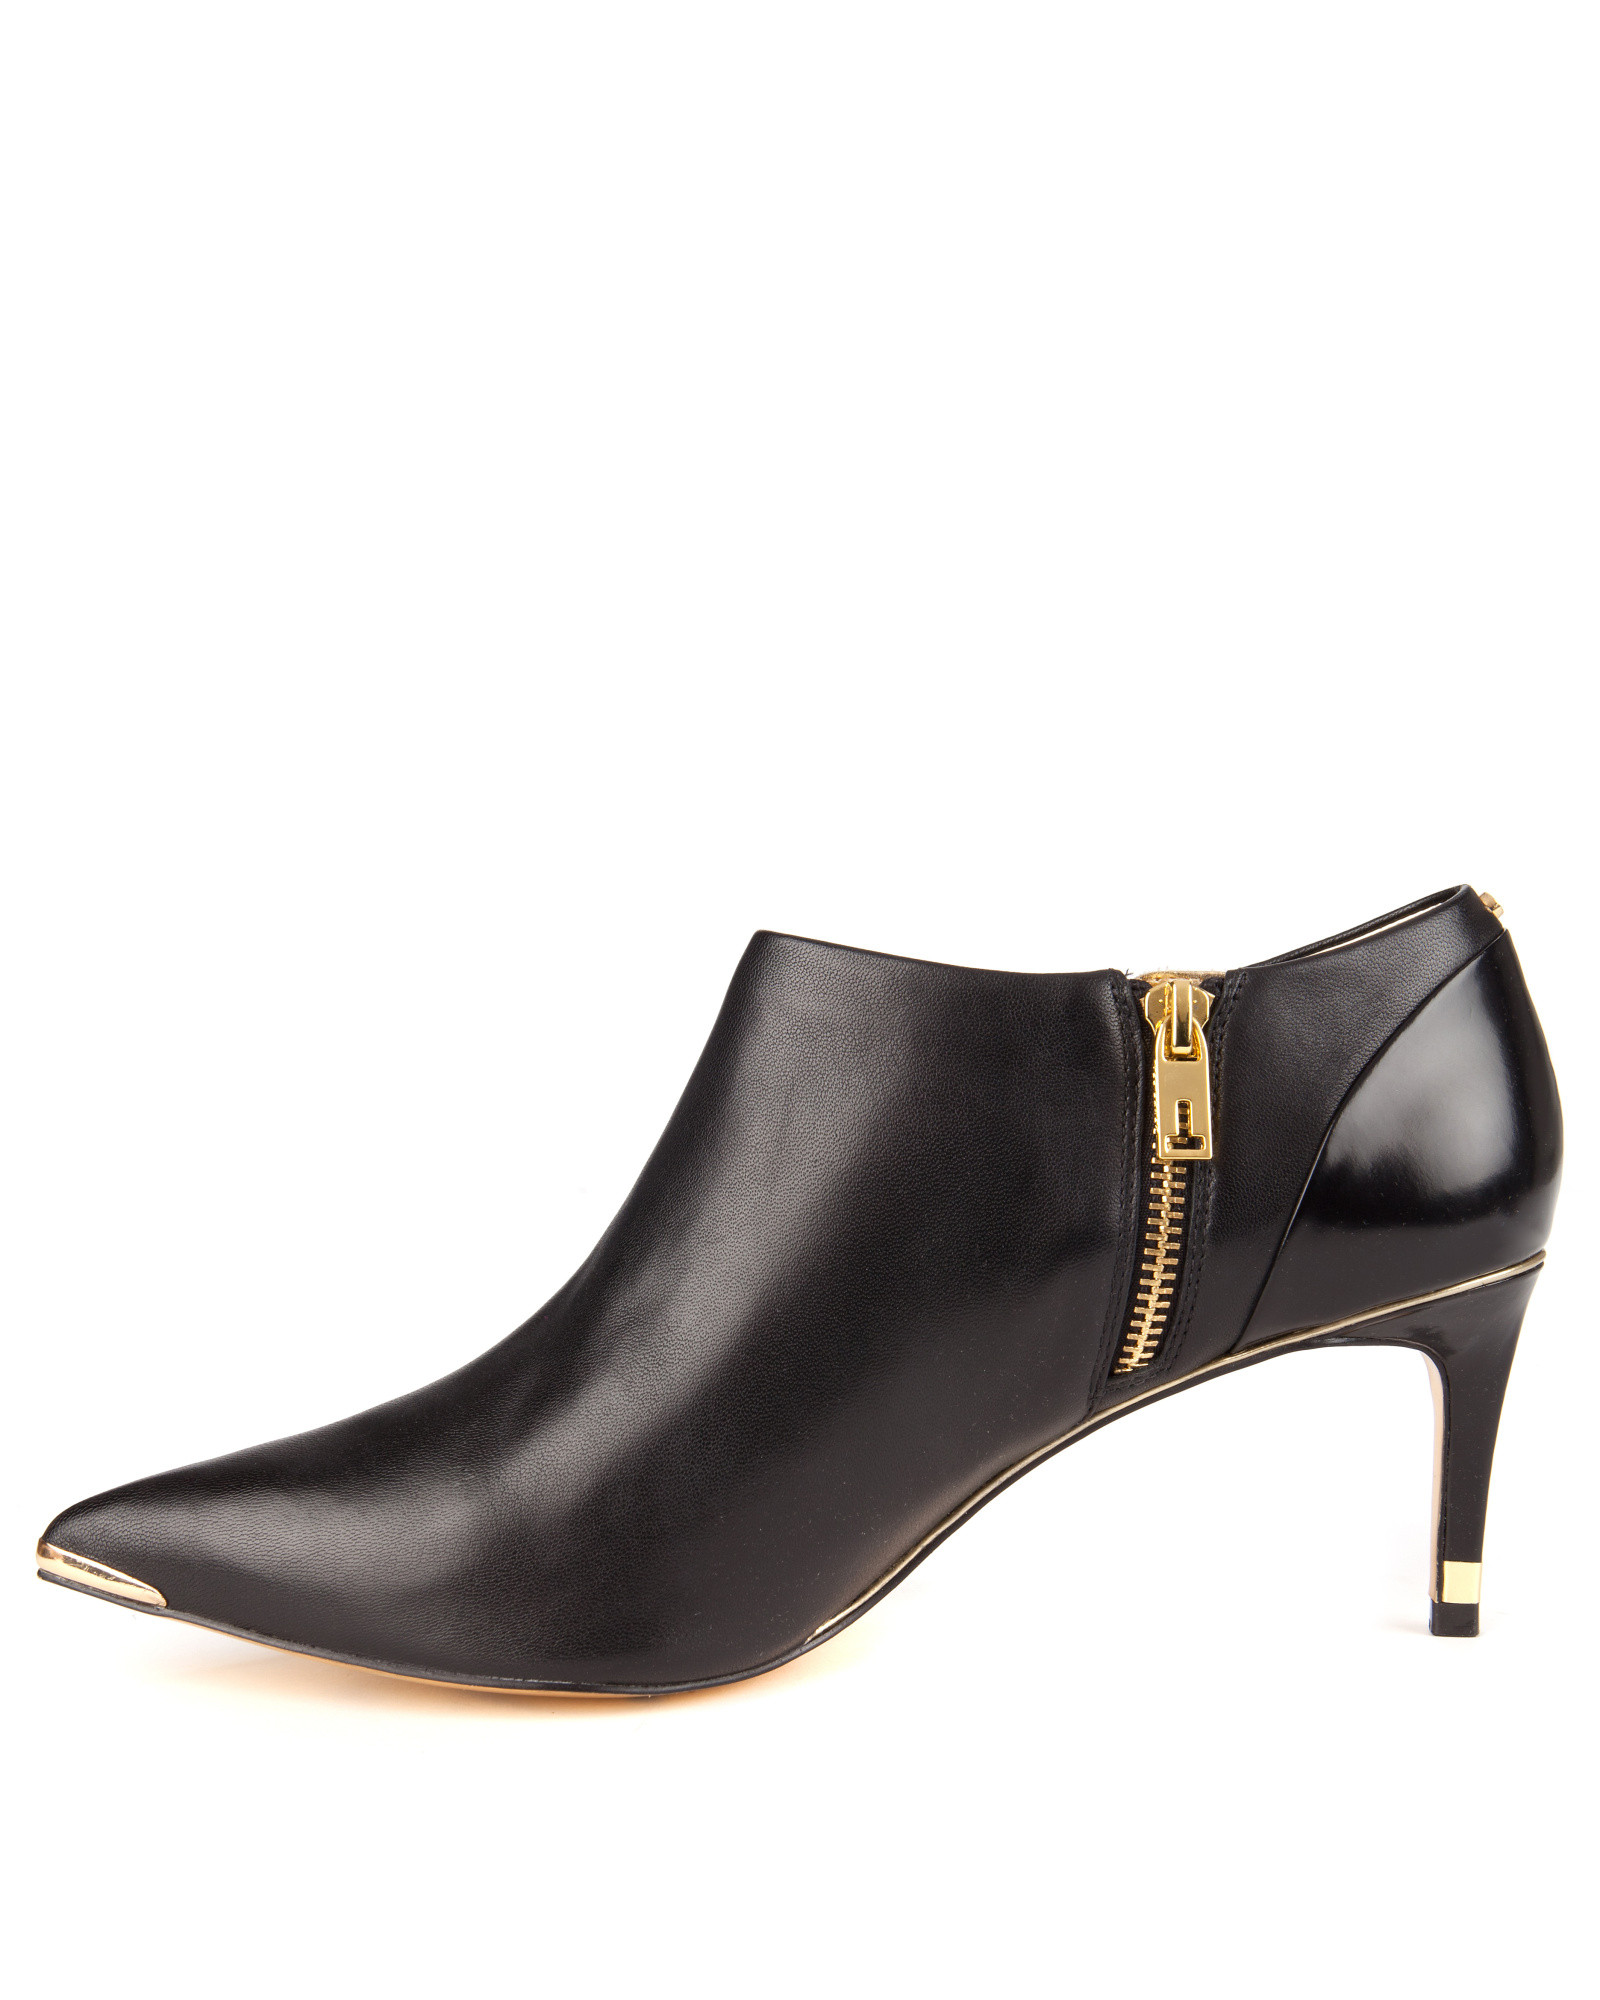 Womens Designer Shoes | Designer Boots & High Heels | Ted Baker US